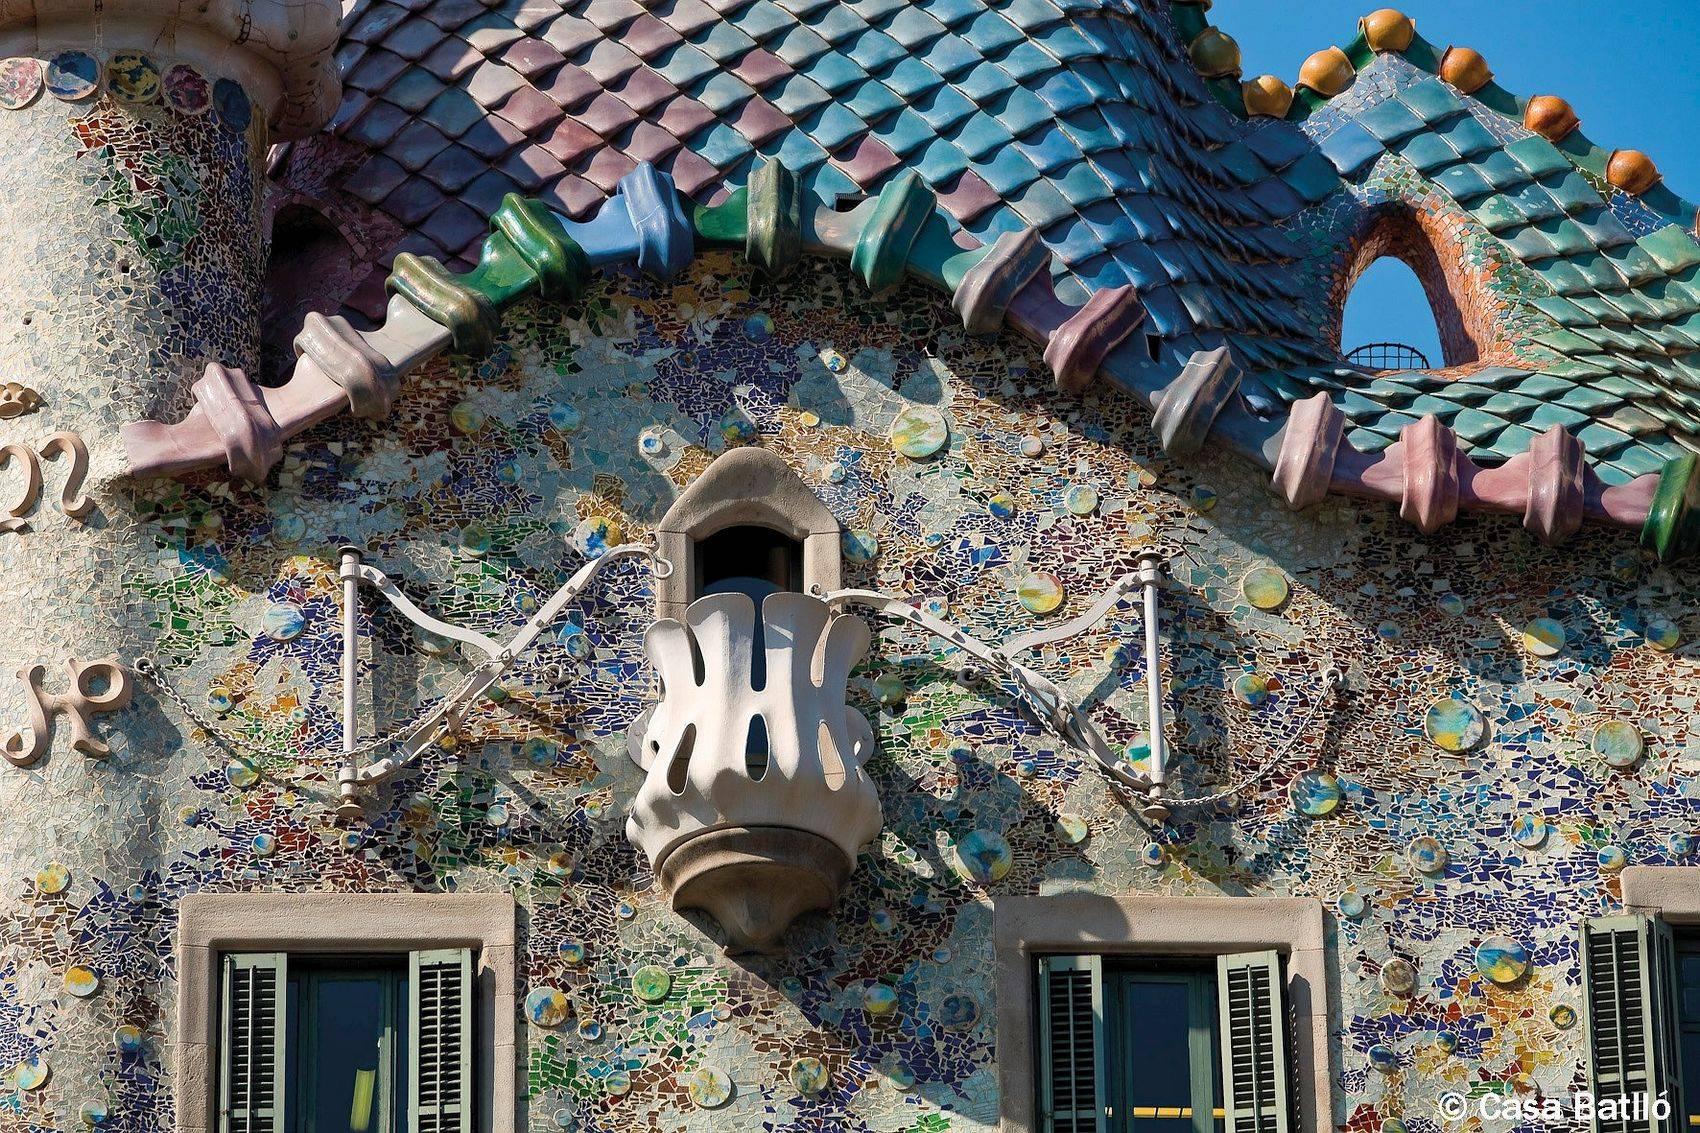 Каса-батльо (дом бальо) антонио гауди в барселоне: описание, адрес, фото | вся планета